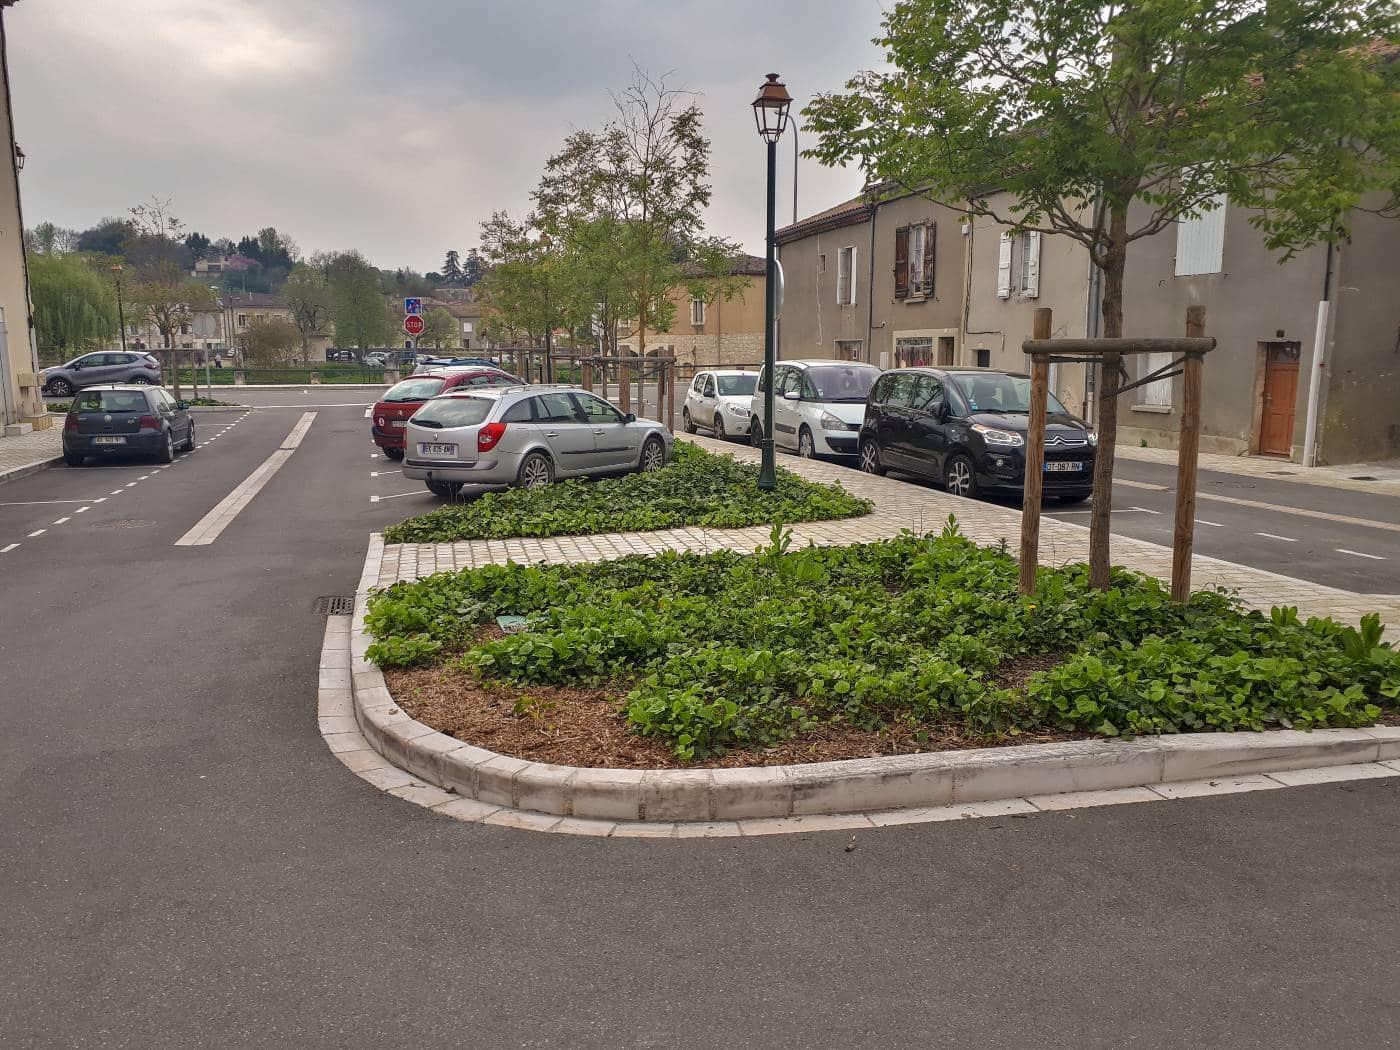 Vue d'ensemble du parking de la Communauté de Communes